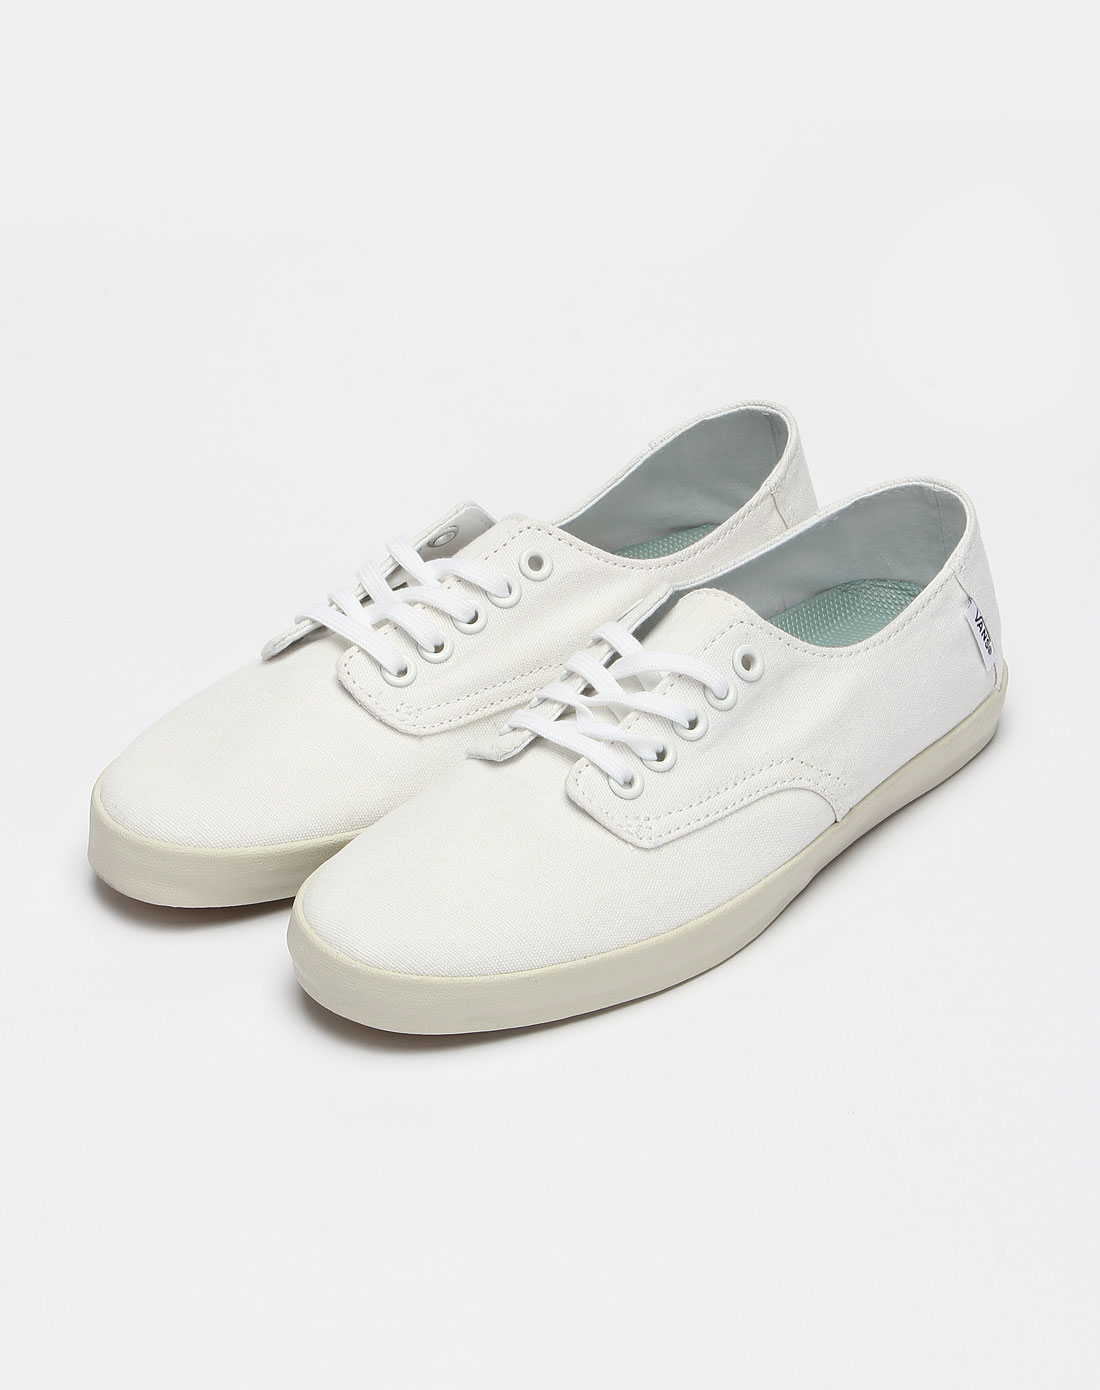 万斯vans女款白色休闲鞋